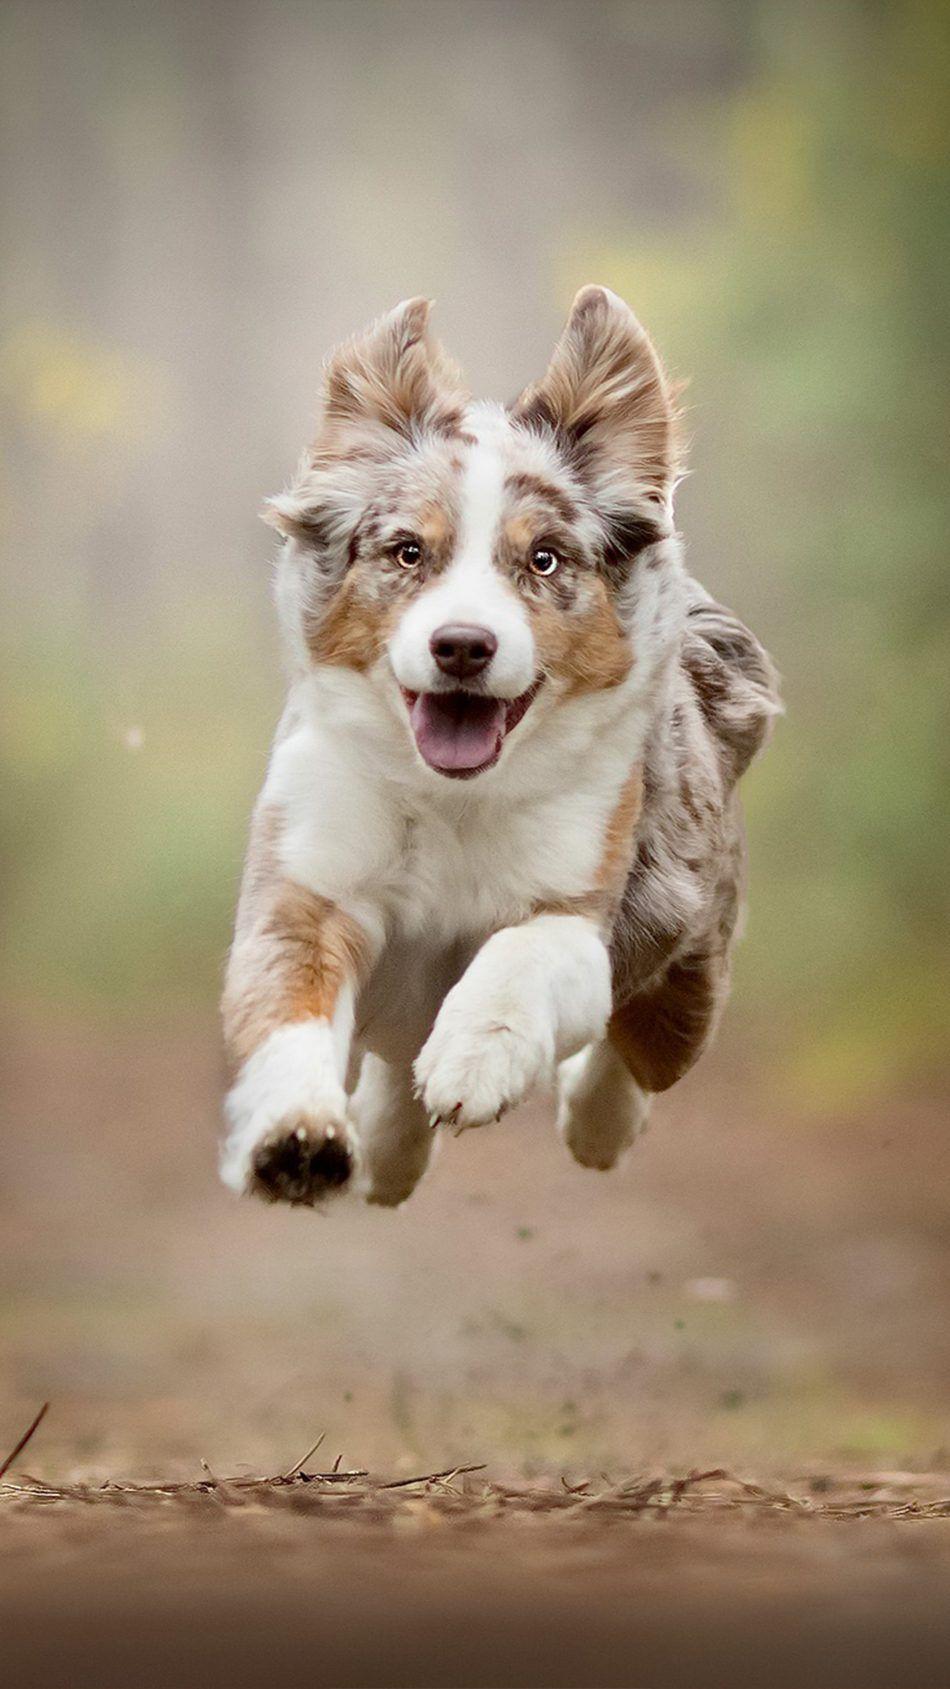 Australian Shepherd Running Dog Breeds Aussie Dogs Australian Shepherd Dogs